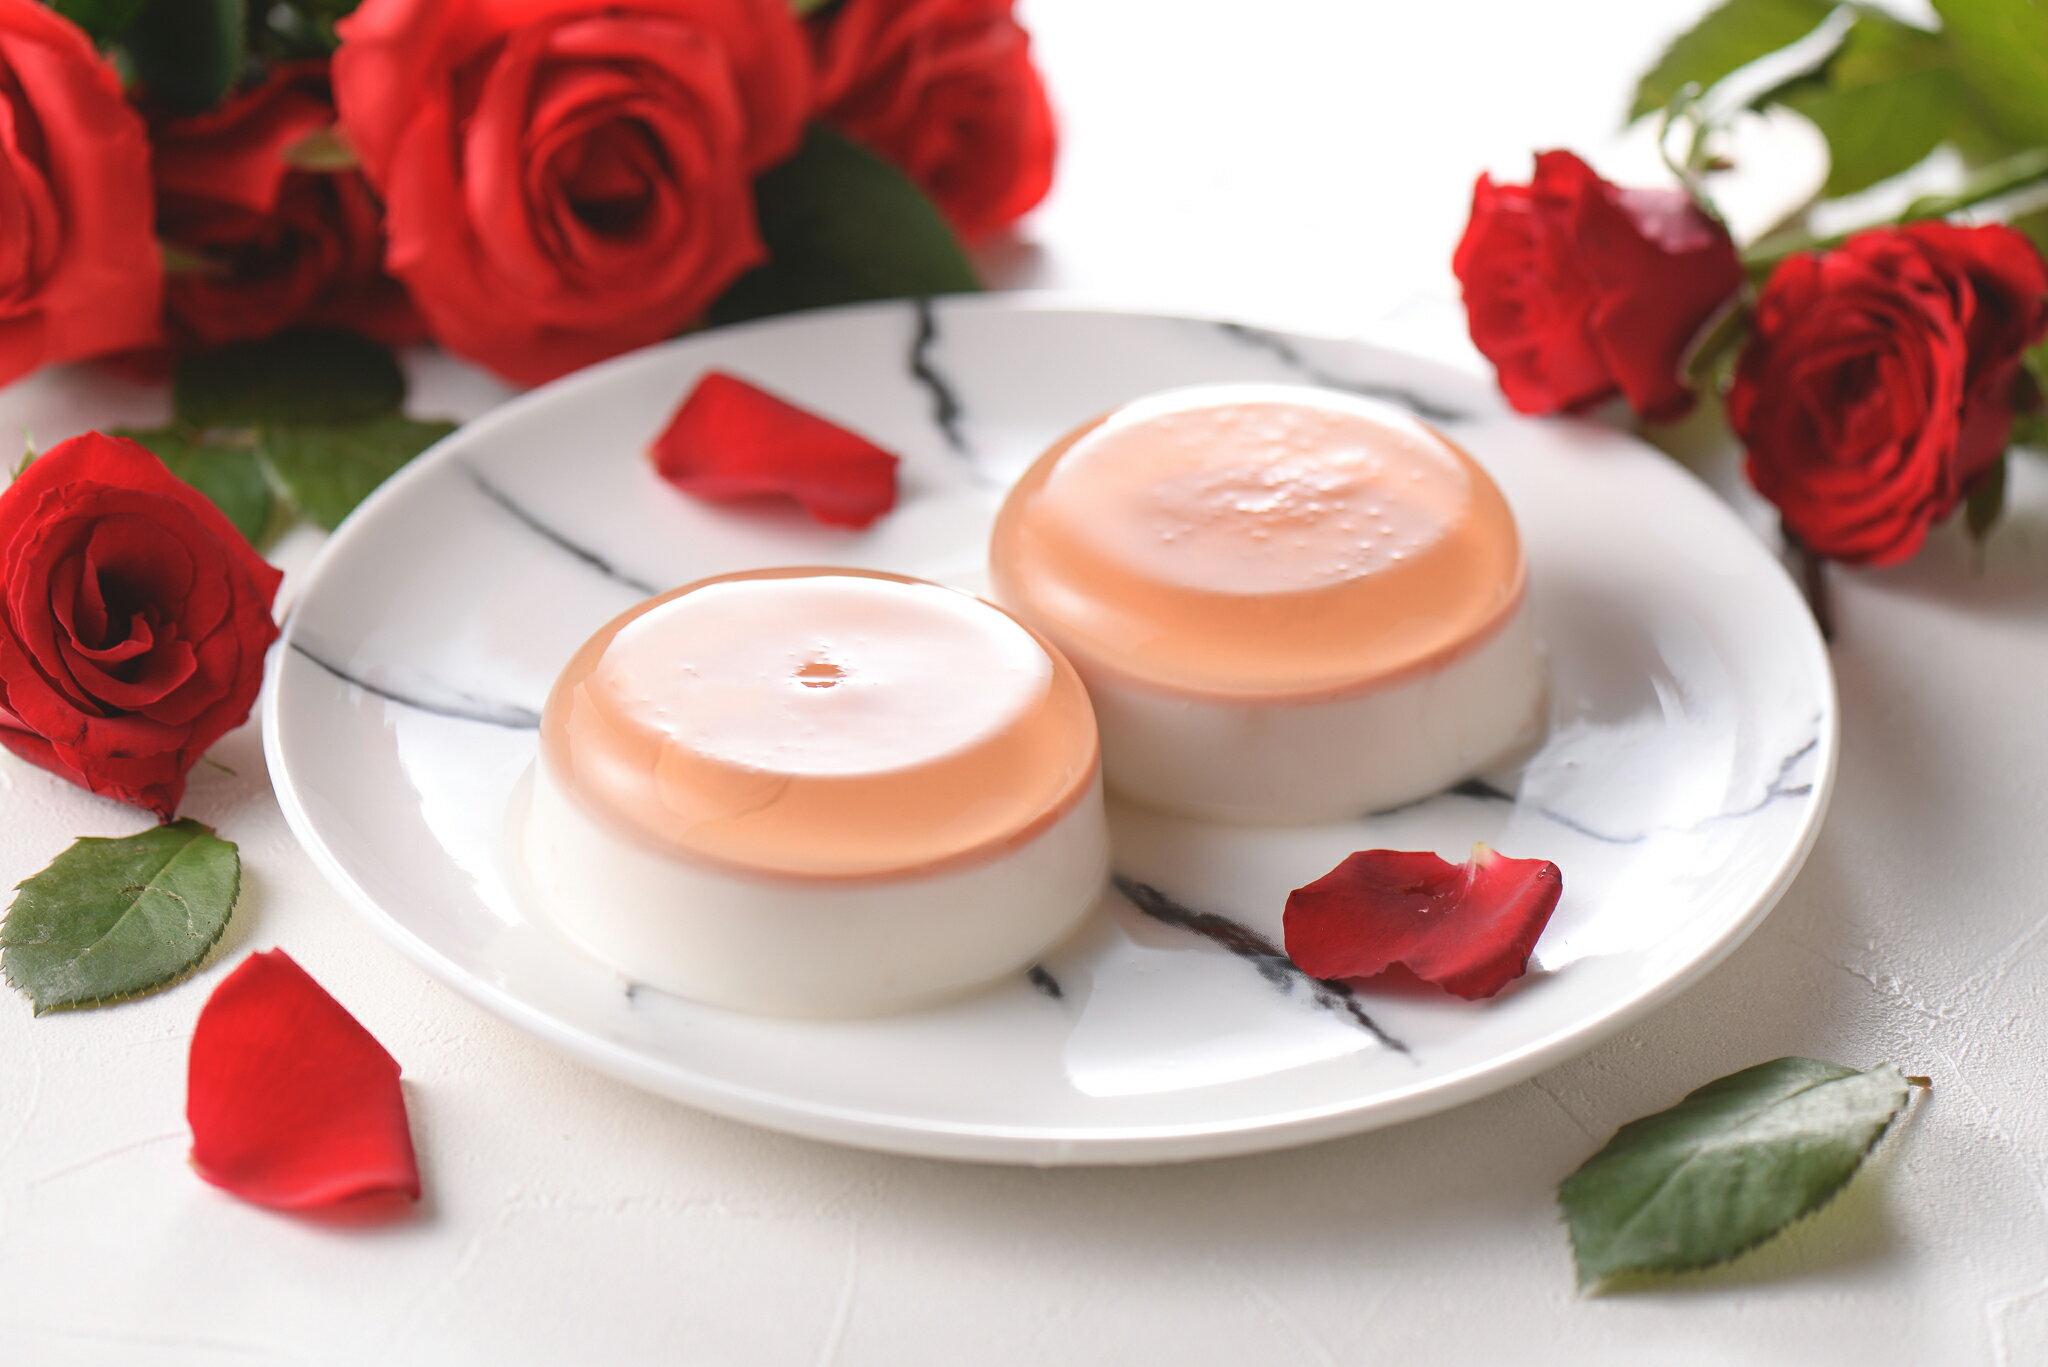 嘗鮮 下午茶 小資女 團購美食 伴手禮 玫瑰香酚 布丁奶酪 甜點 奶素